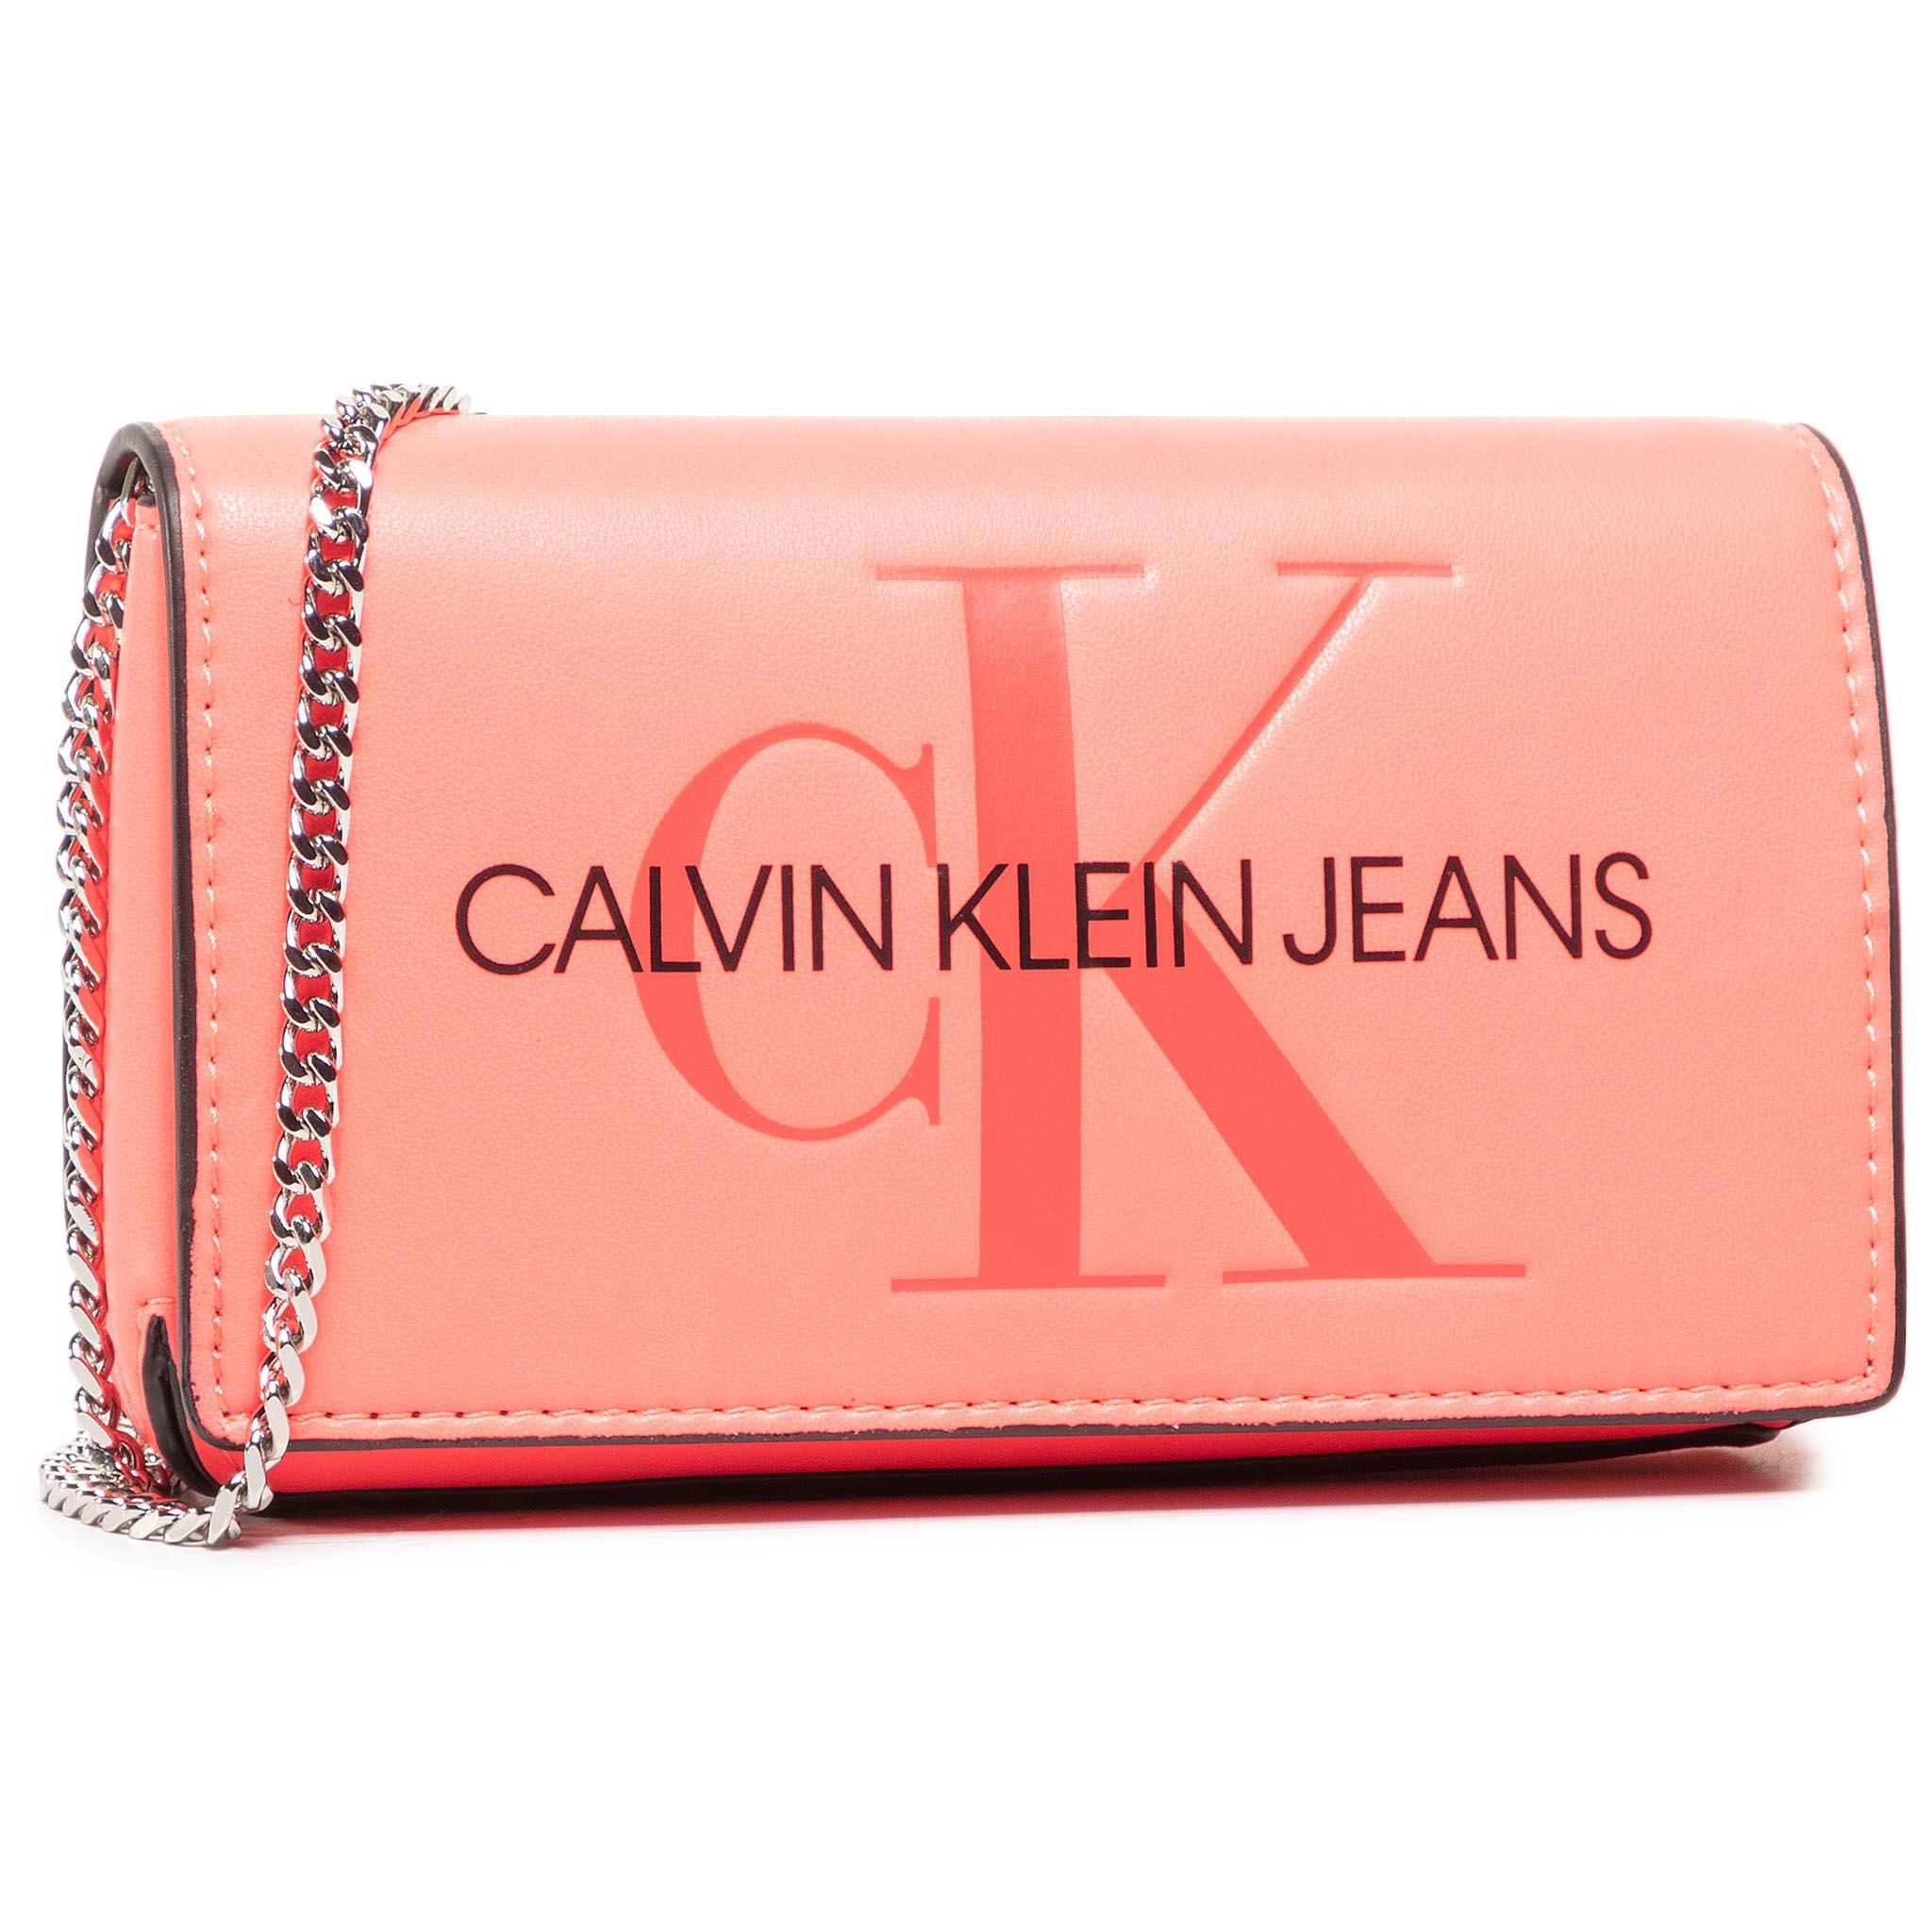 Image of Handtasche CALVIN KLEIN JEANS - Phone Crossbody K60K60722 PNK